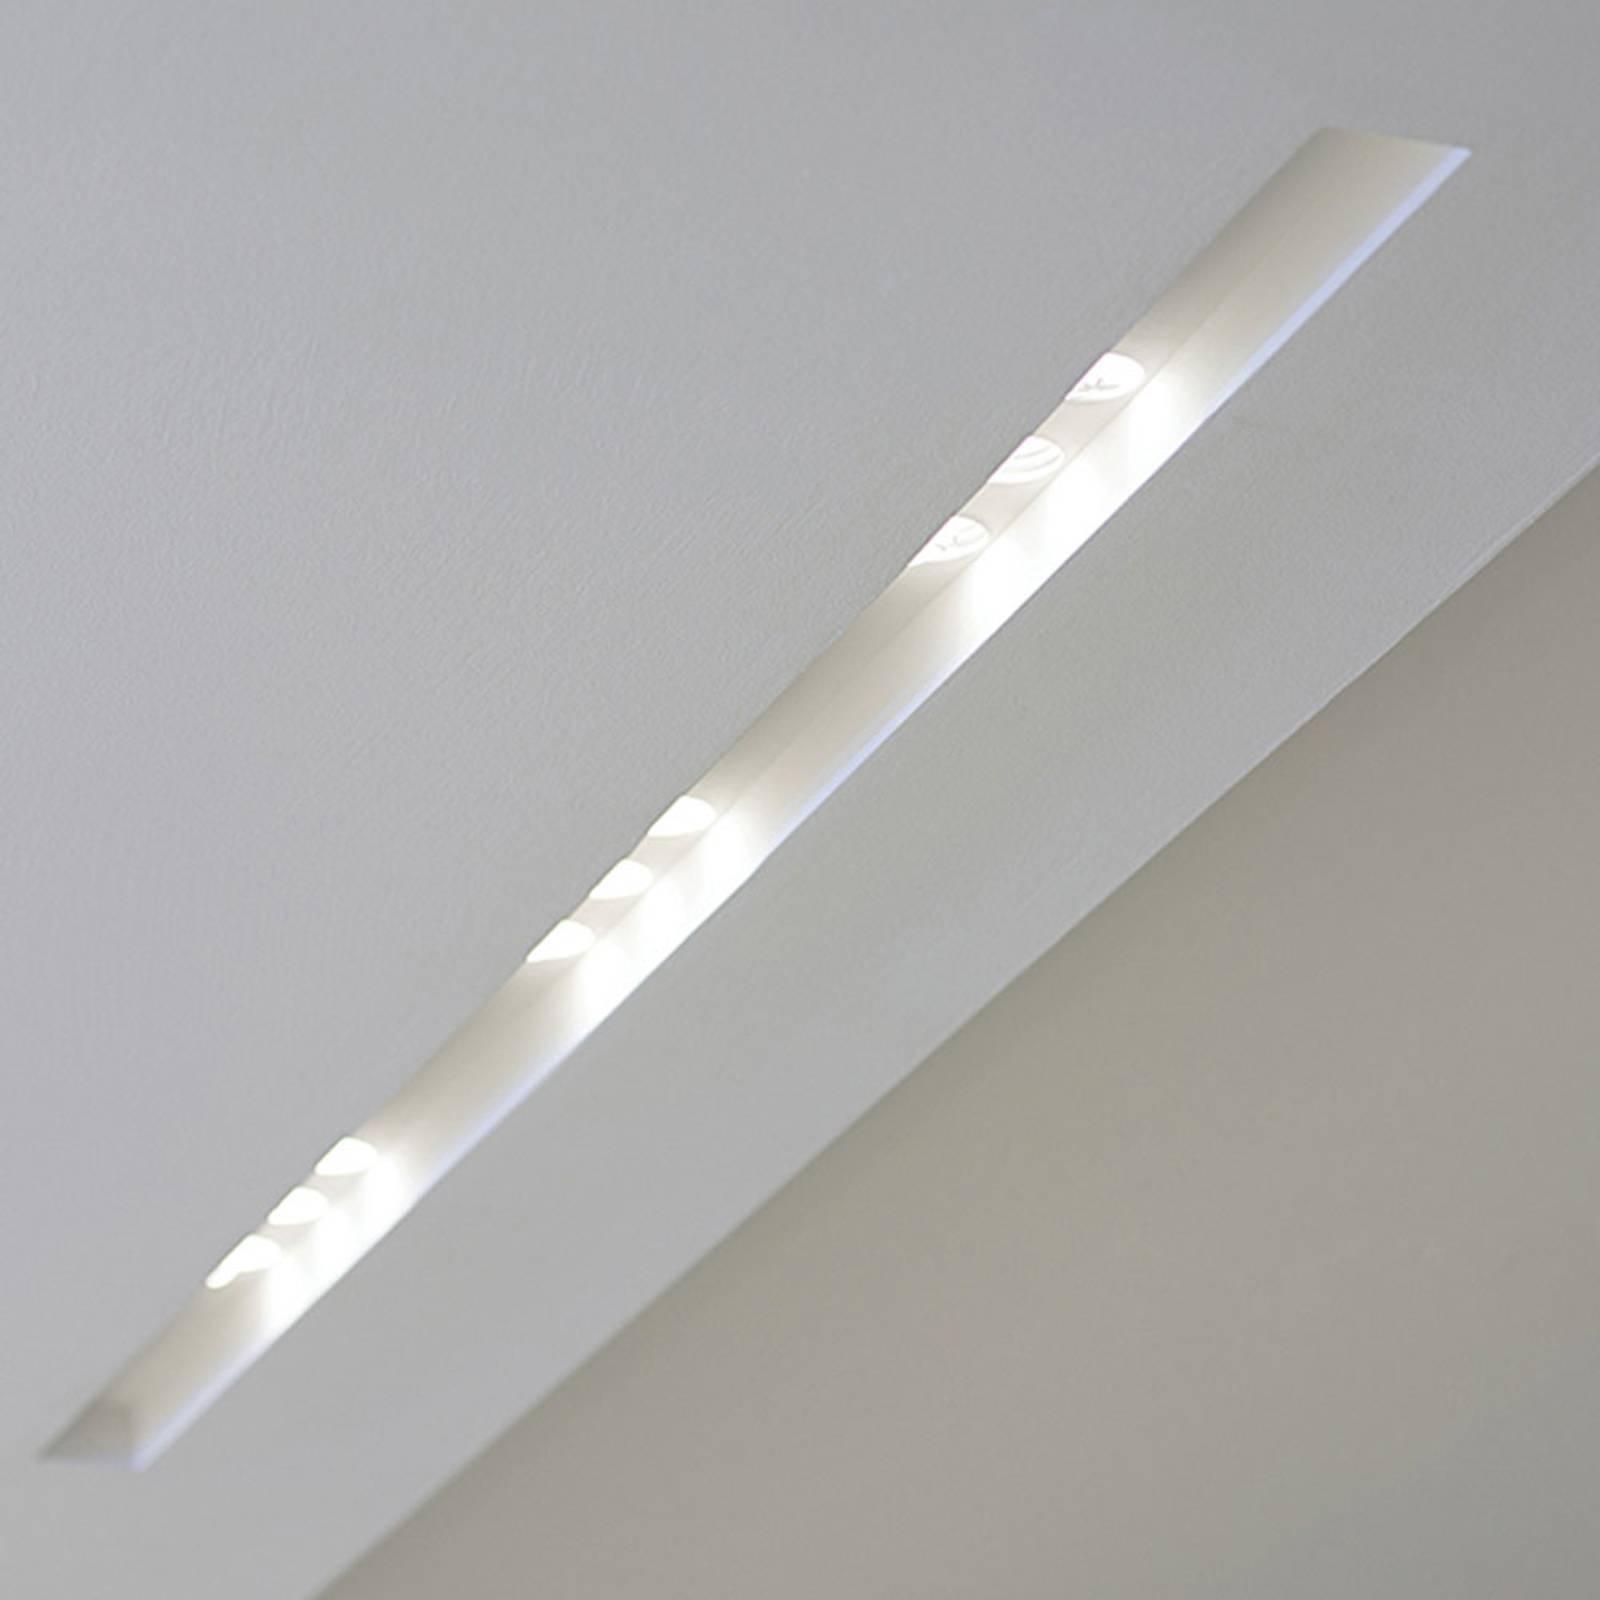 Bilde av Innbygget Led-taklampe 4191c Gu10 Lengde 20,5 Cm